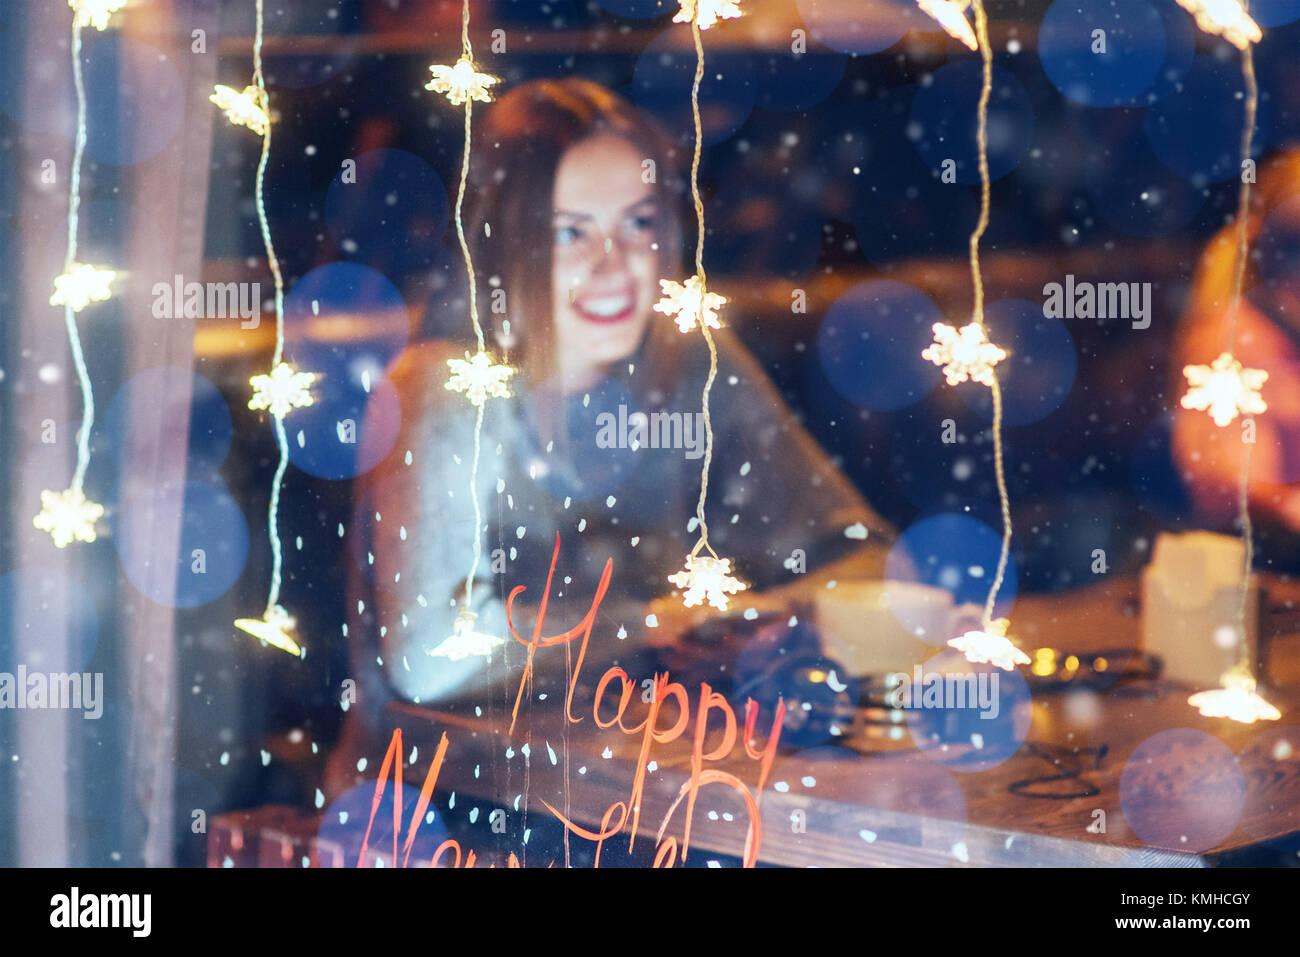 Junge schöne Frau sitzen im Café, Kaffee zu trinken. Magischen Schneefall-Effekt. Weihnachten, glückliches Stockbild